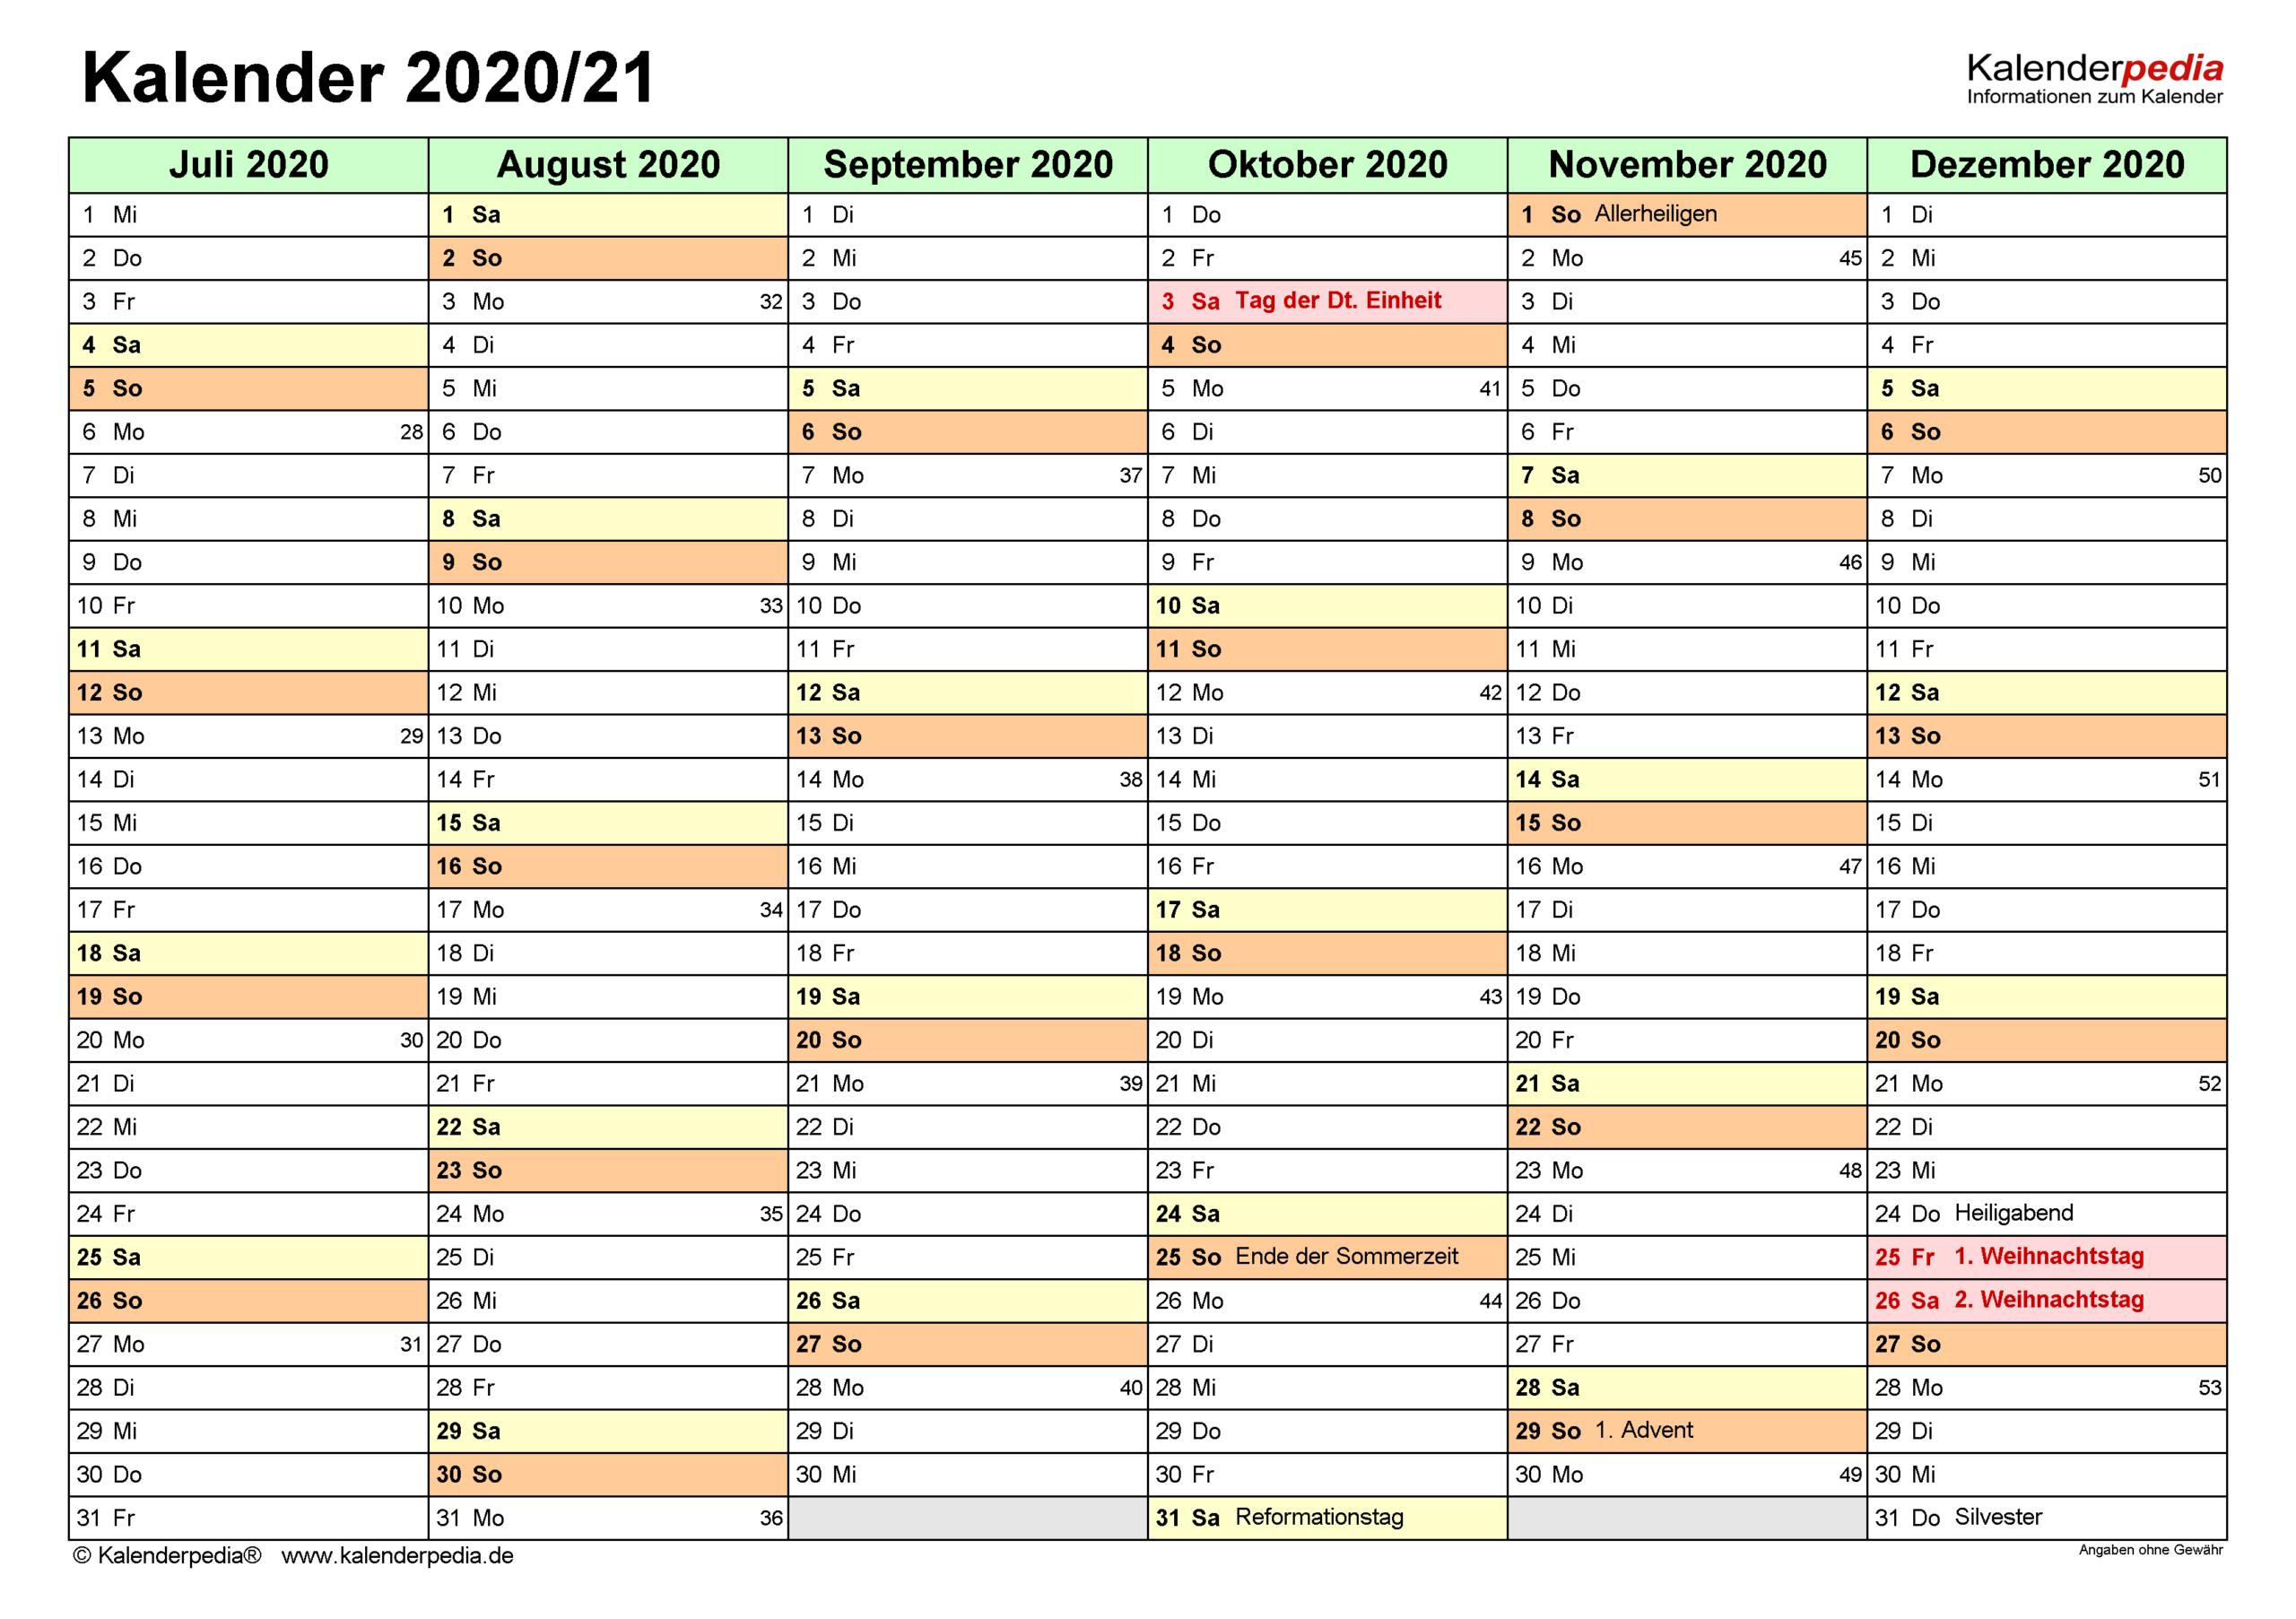 Halbjahreskalender 2020/2021 Als Word-Vorlagen Zum Ausdrucken